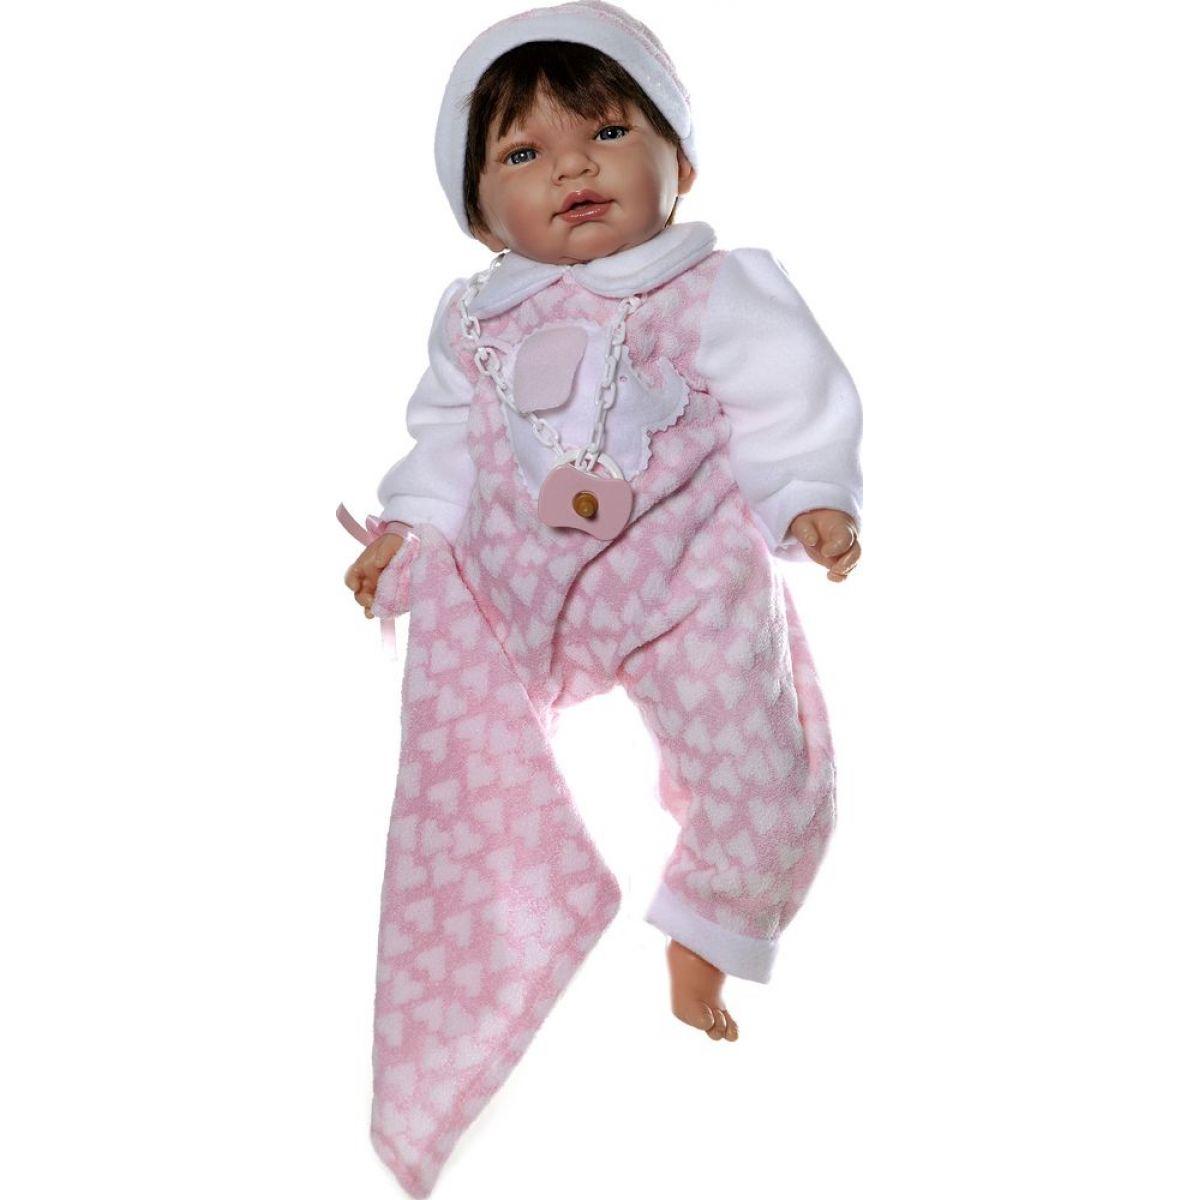 Nines Mi Bebito Pijama 45 cm